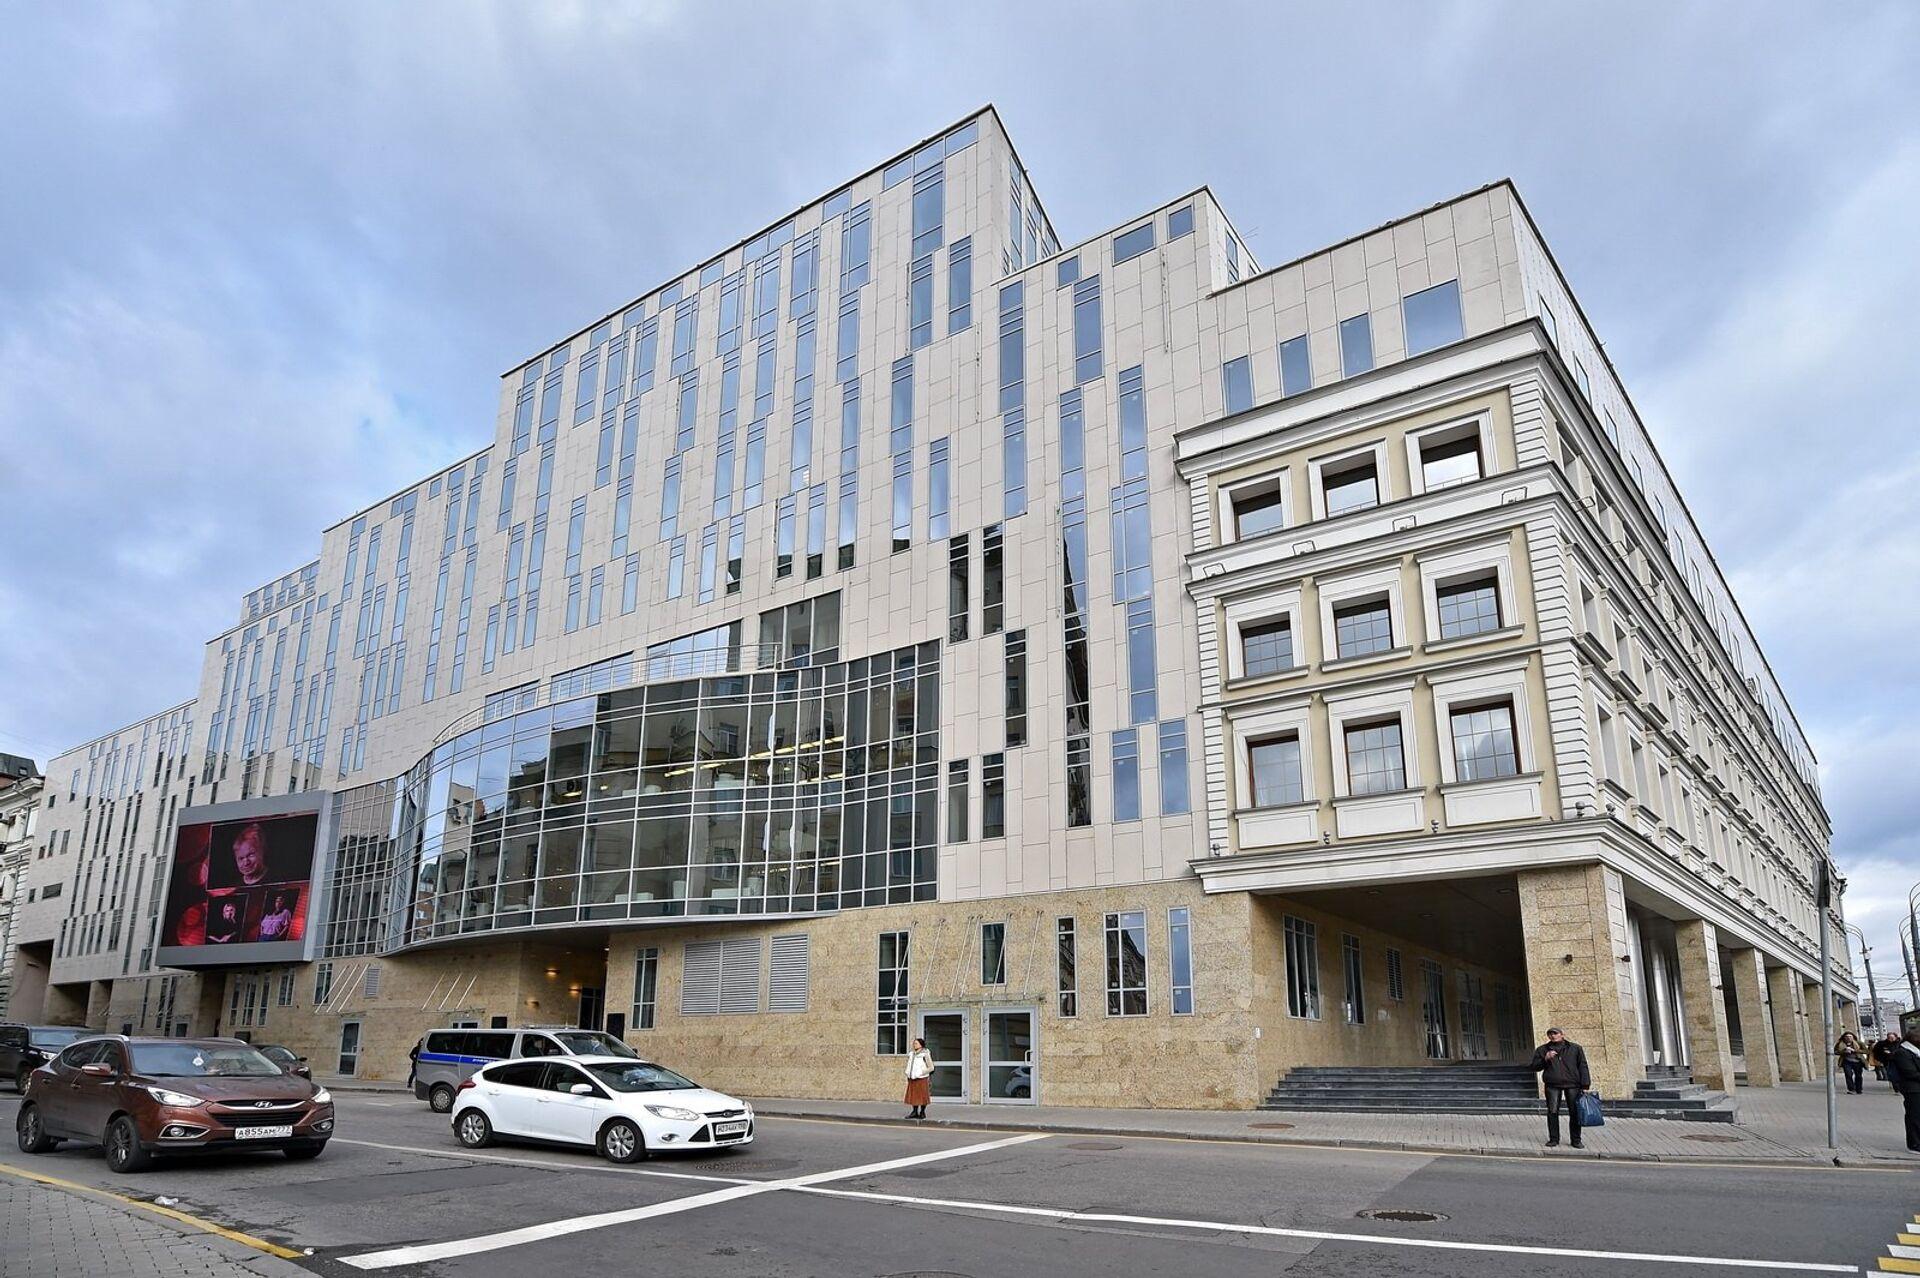 Новое здание театра Олега Табакова на Малой Сухаревской площади - РИА Новости, 1920, 24.05.2021